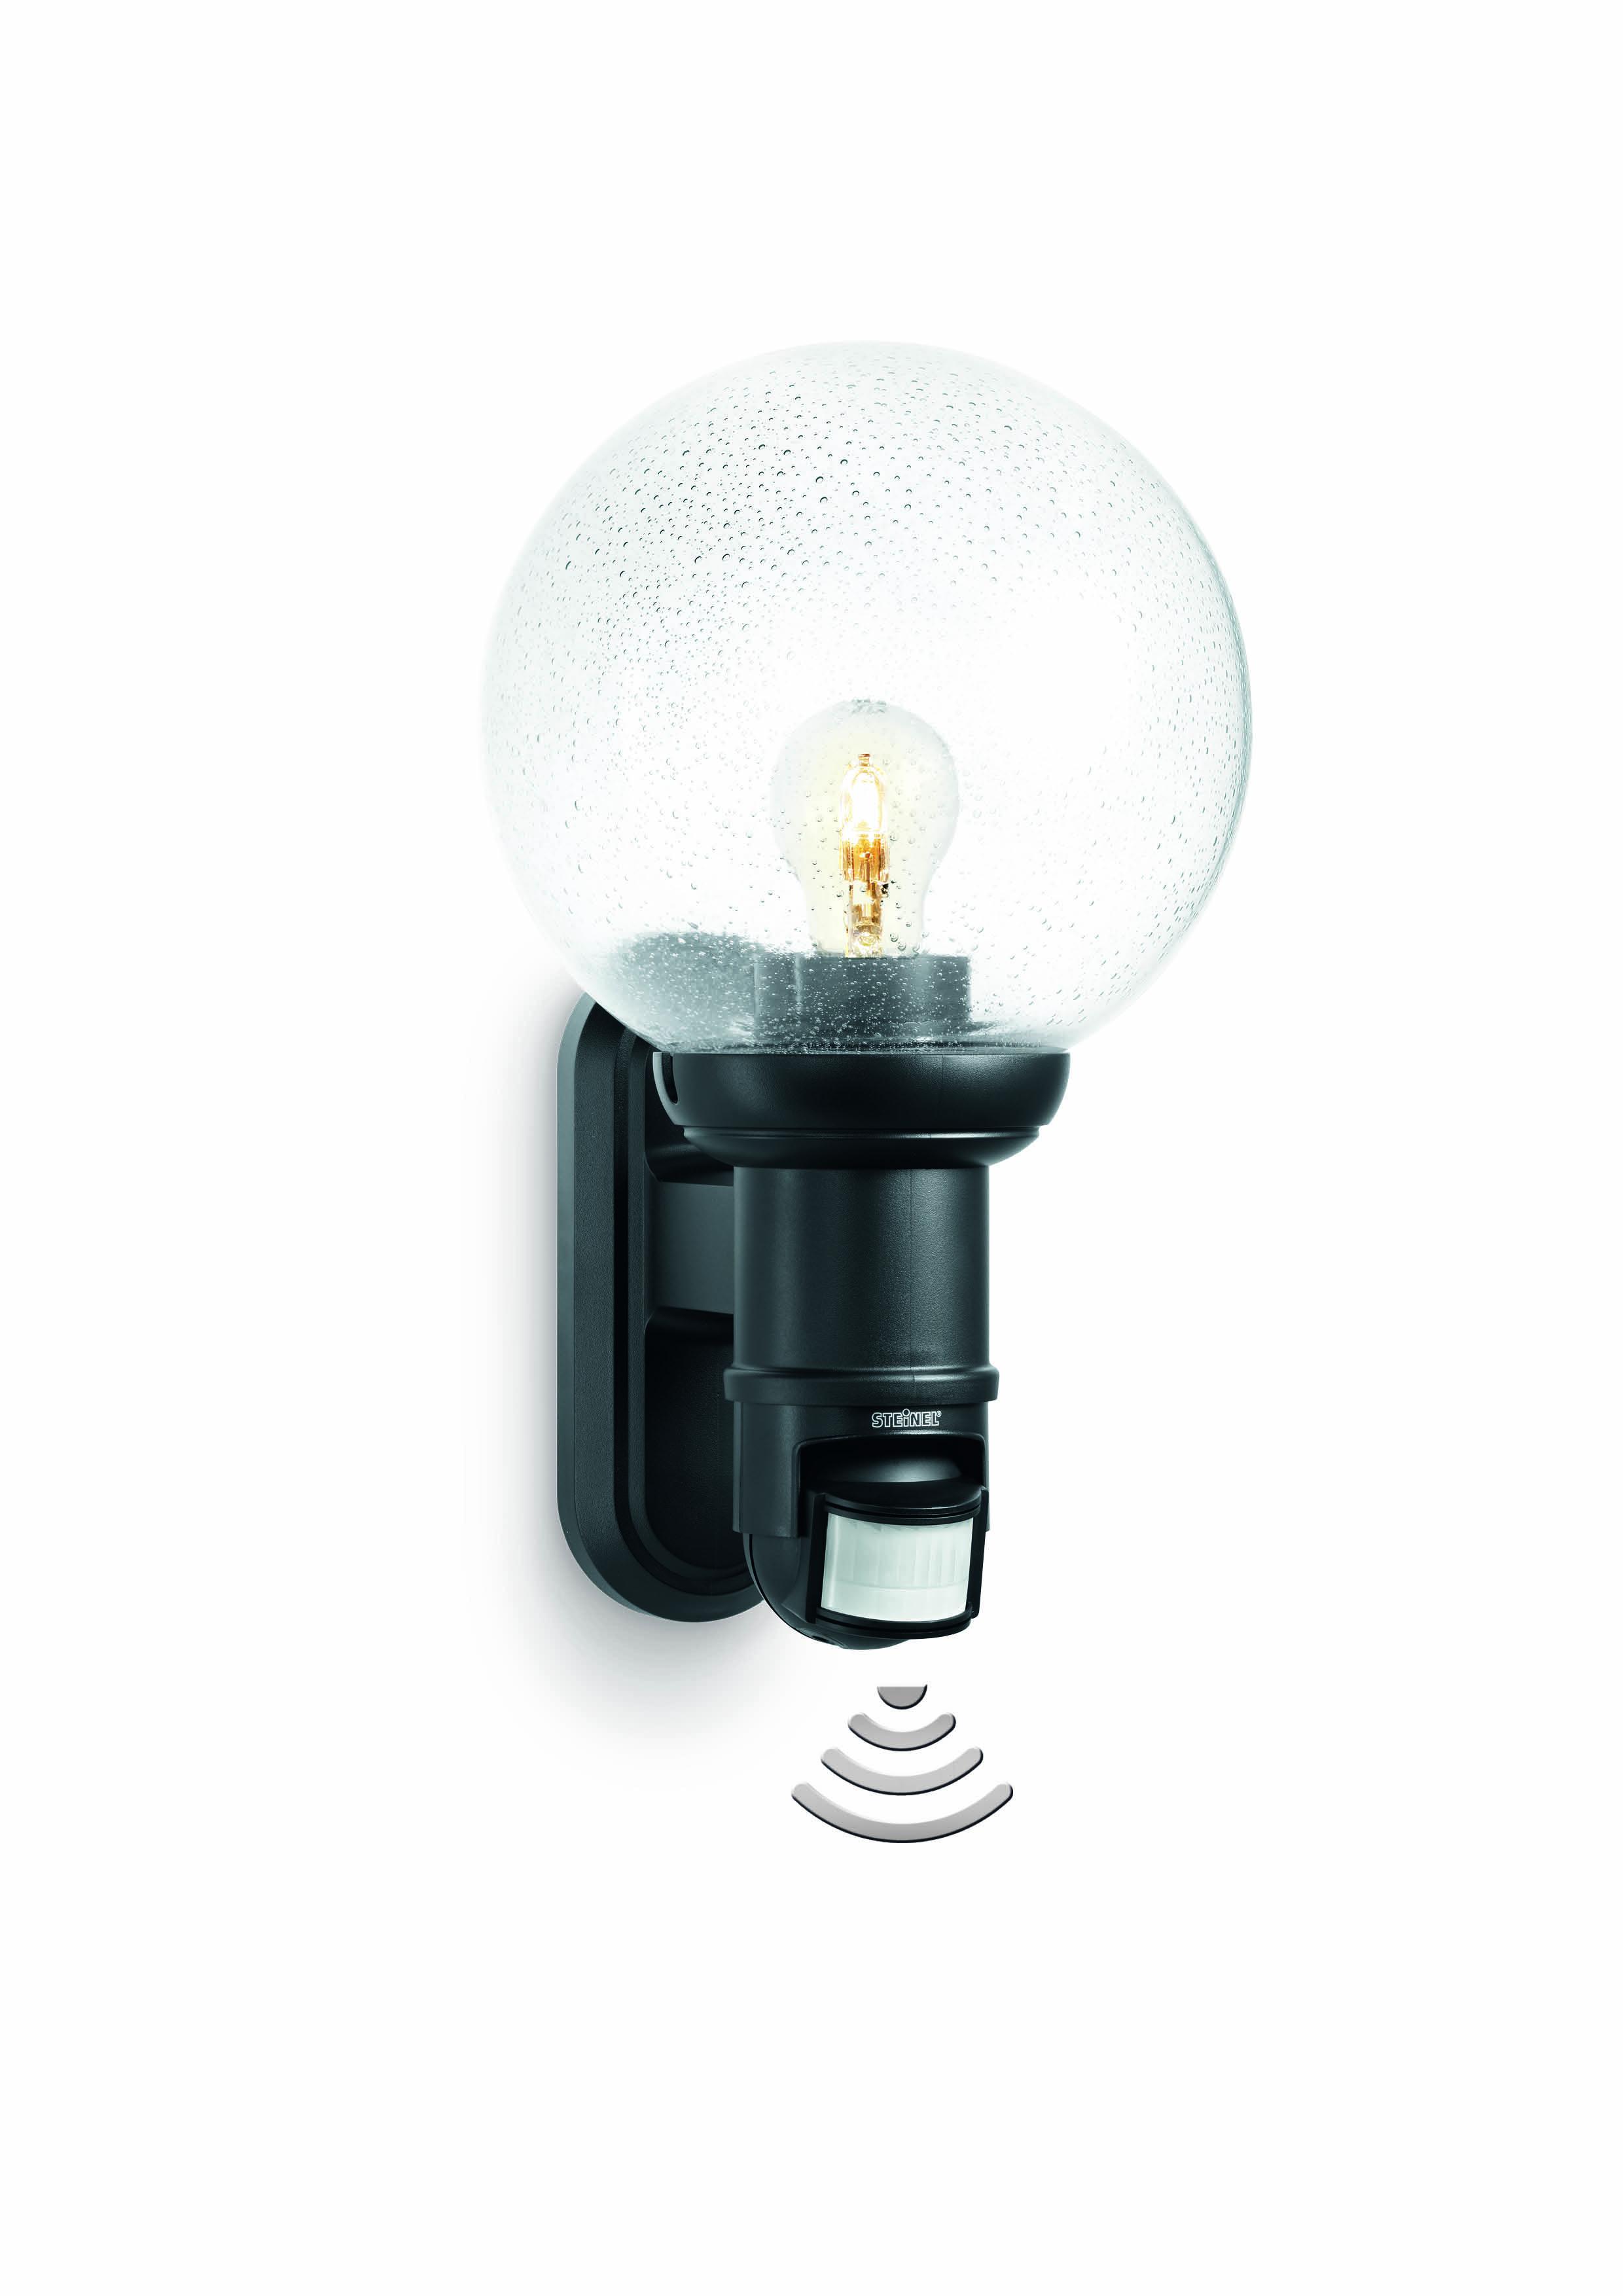 sensor aussenleuchte l 560 s steinel vertrieb gmbh. Black Bedroom Furniture Sets. Home Design Ideas